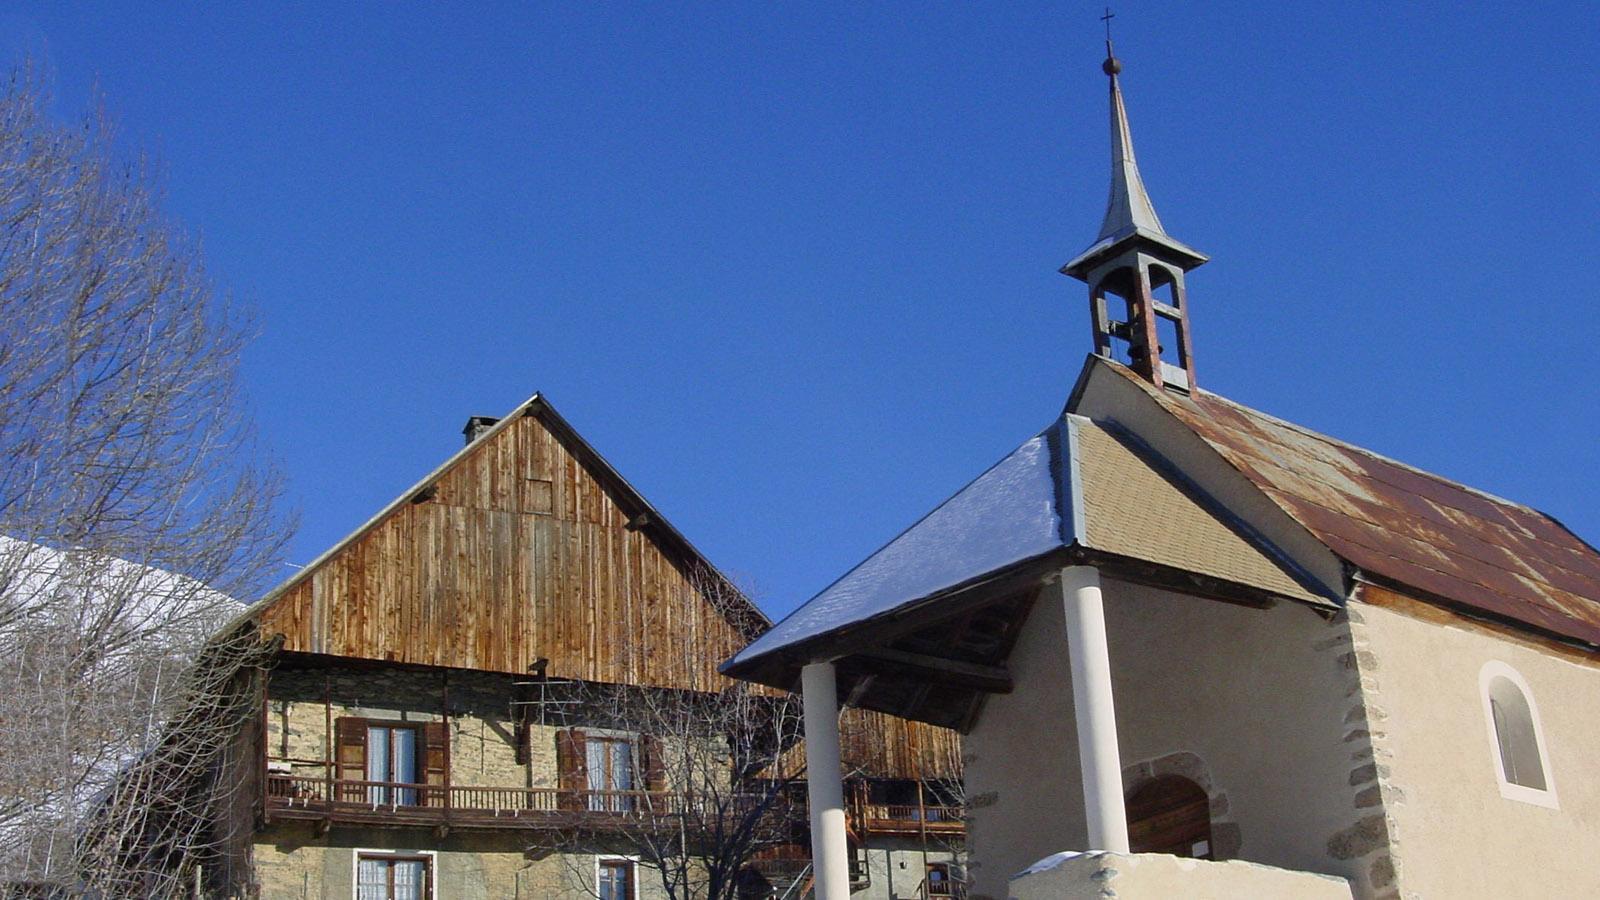 Les Sybelles. St-Jean-d'Arves: der alte Ortskern mit seiner Kapelle. Foto: Hilke Maunder